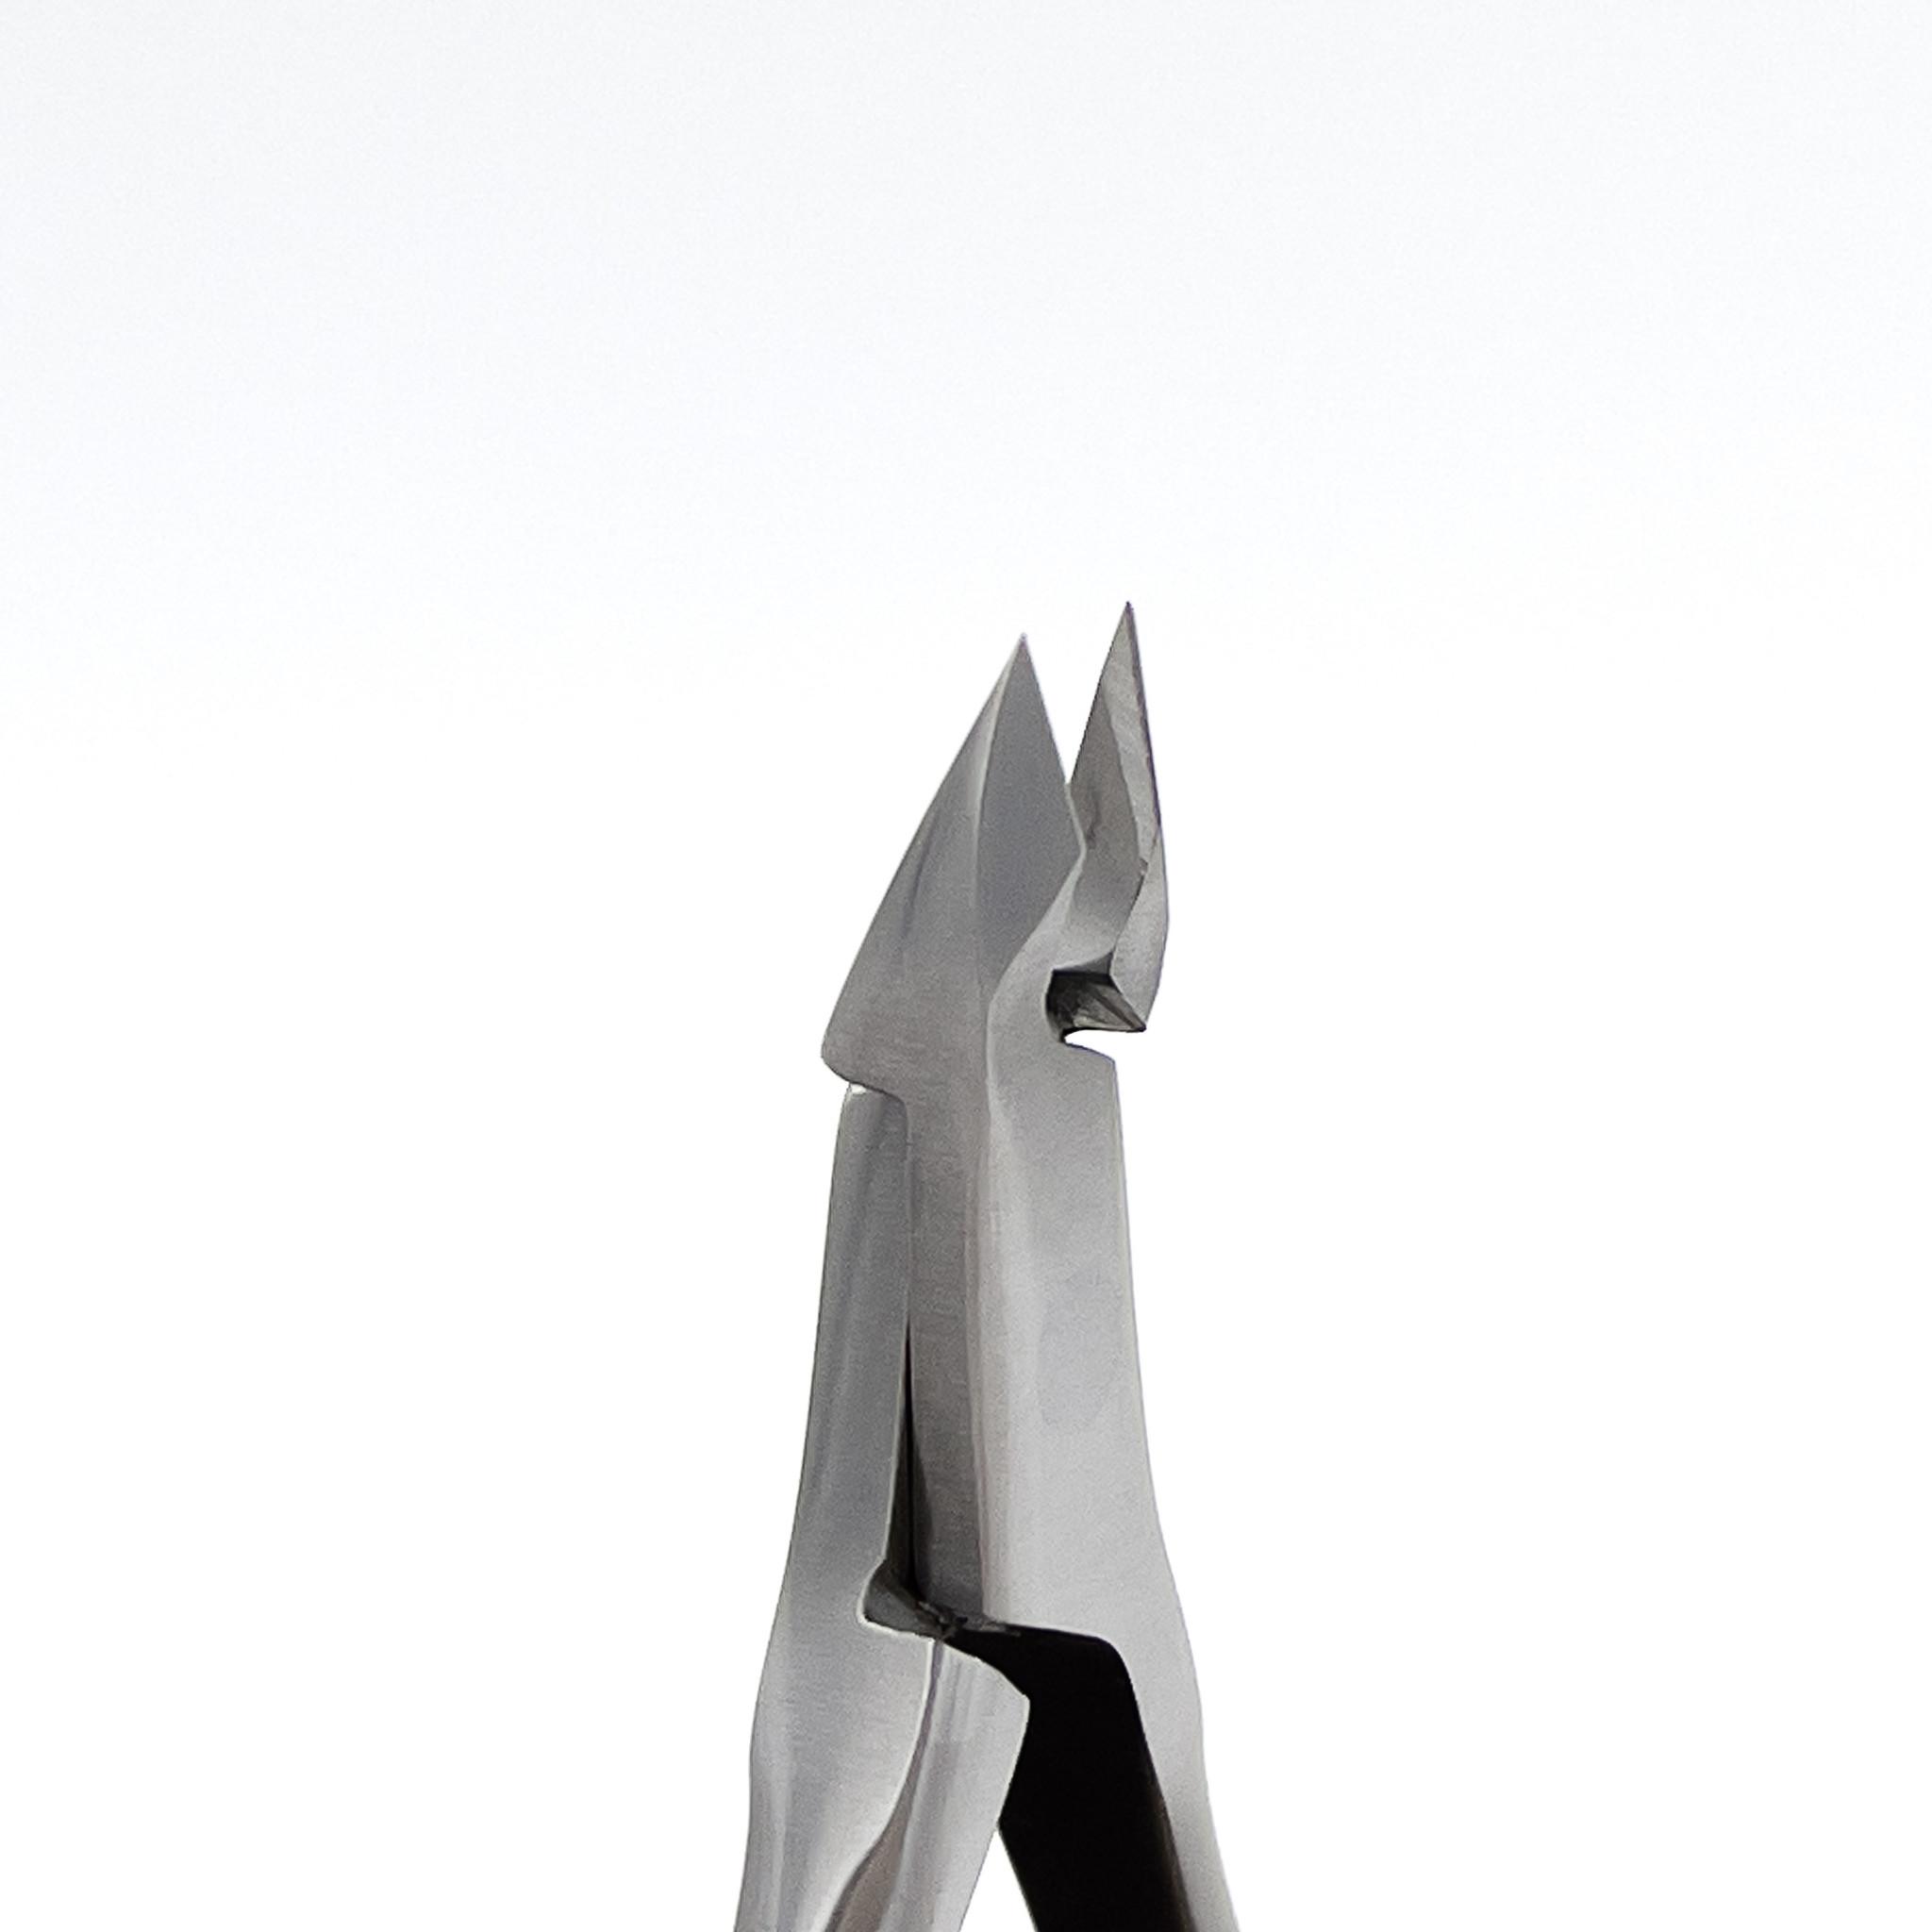 STALENA Pince à peau 5 mm - poignée longue KE-09 (N5-30-05)